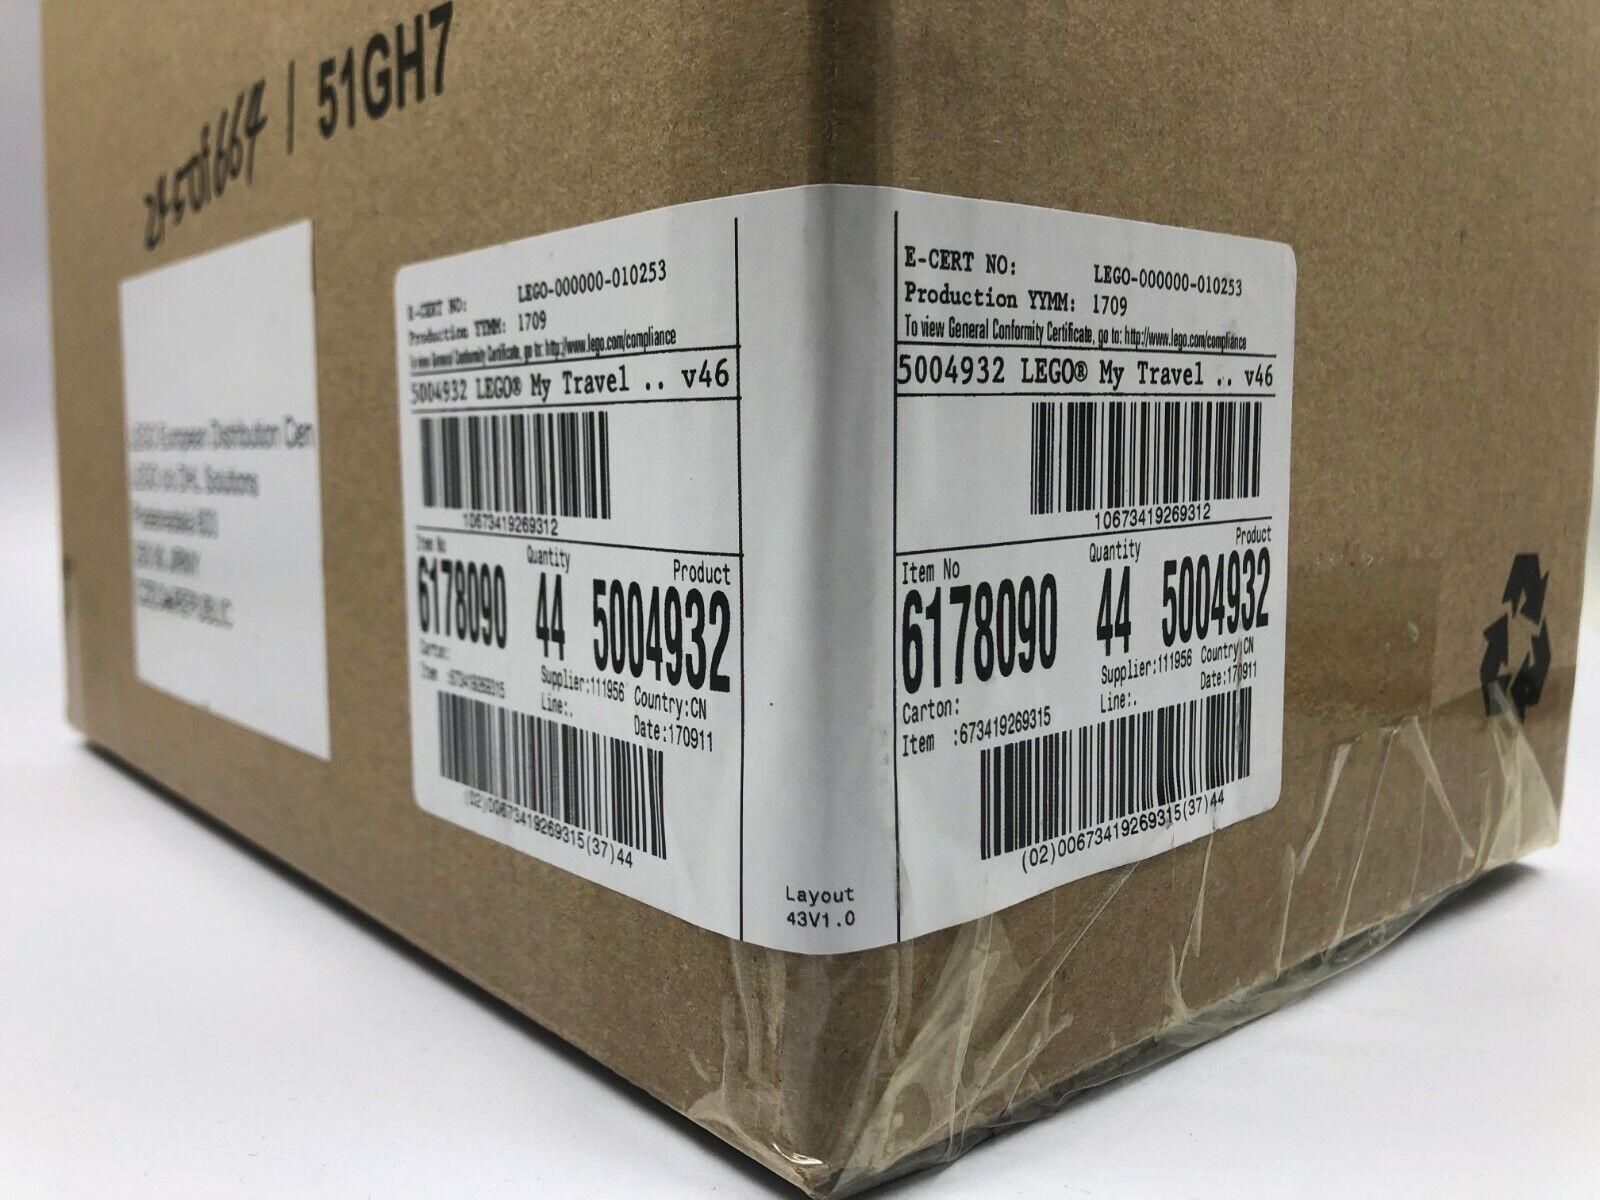 Lego Promo 5004932 Travel Building Suitcase x 44 pcs.  Master box 6178090